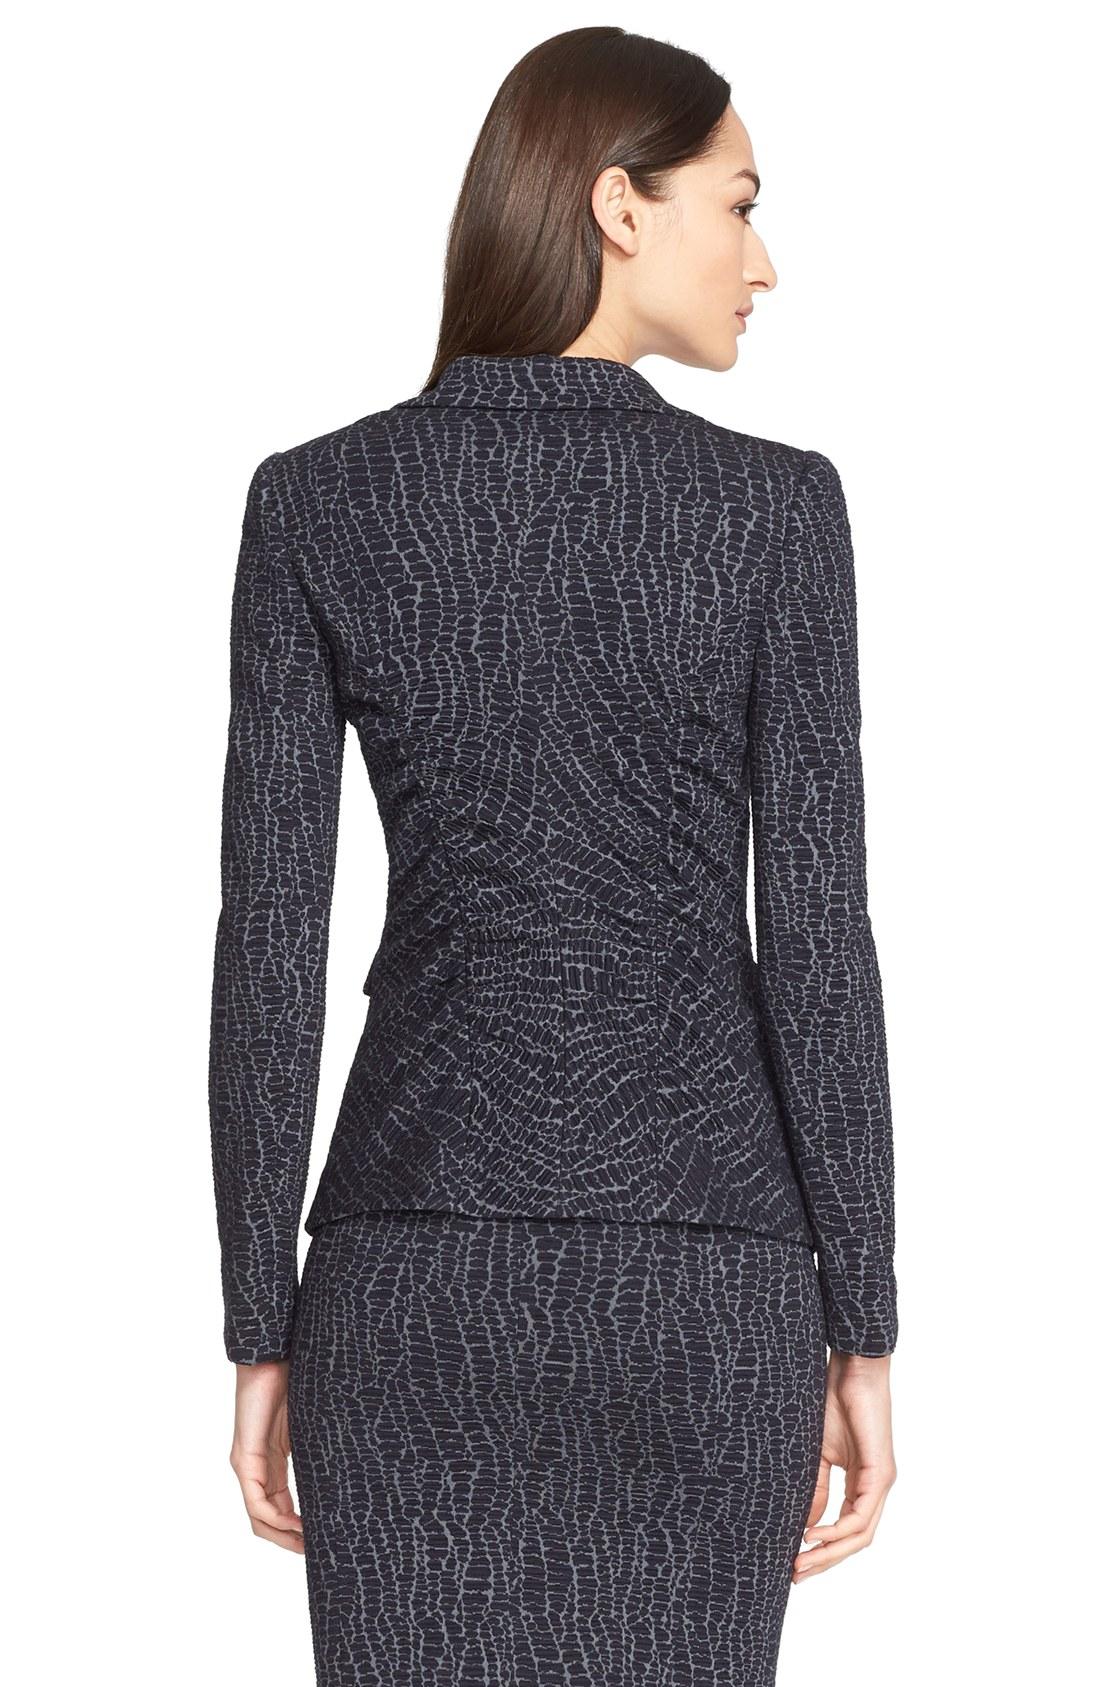 Armani Workwear 16-12